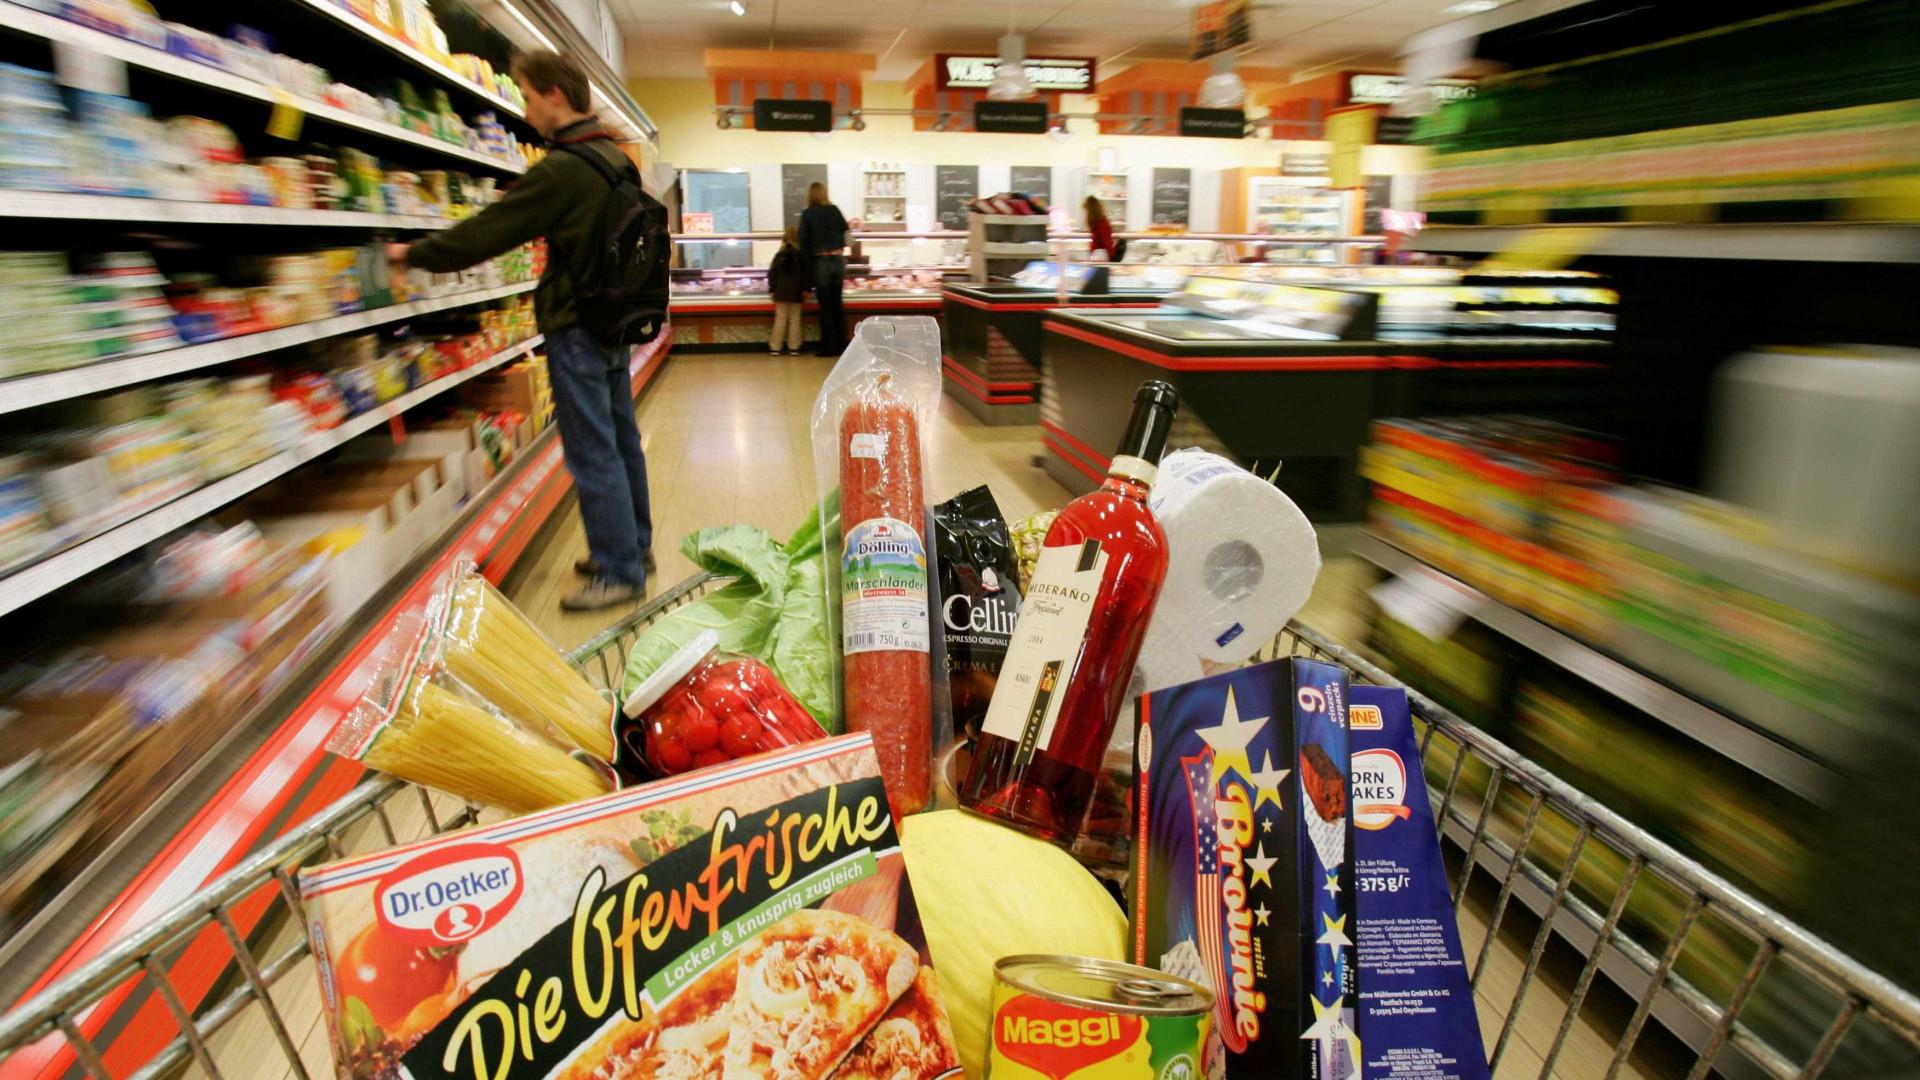 Anvisa defende sinal de alerta contra açúcar em rótulo de alimento